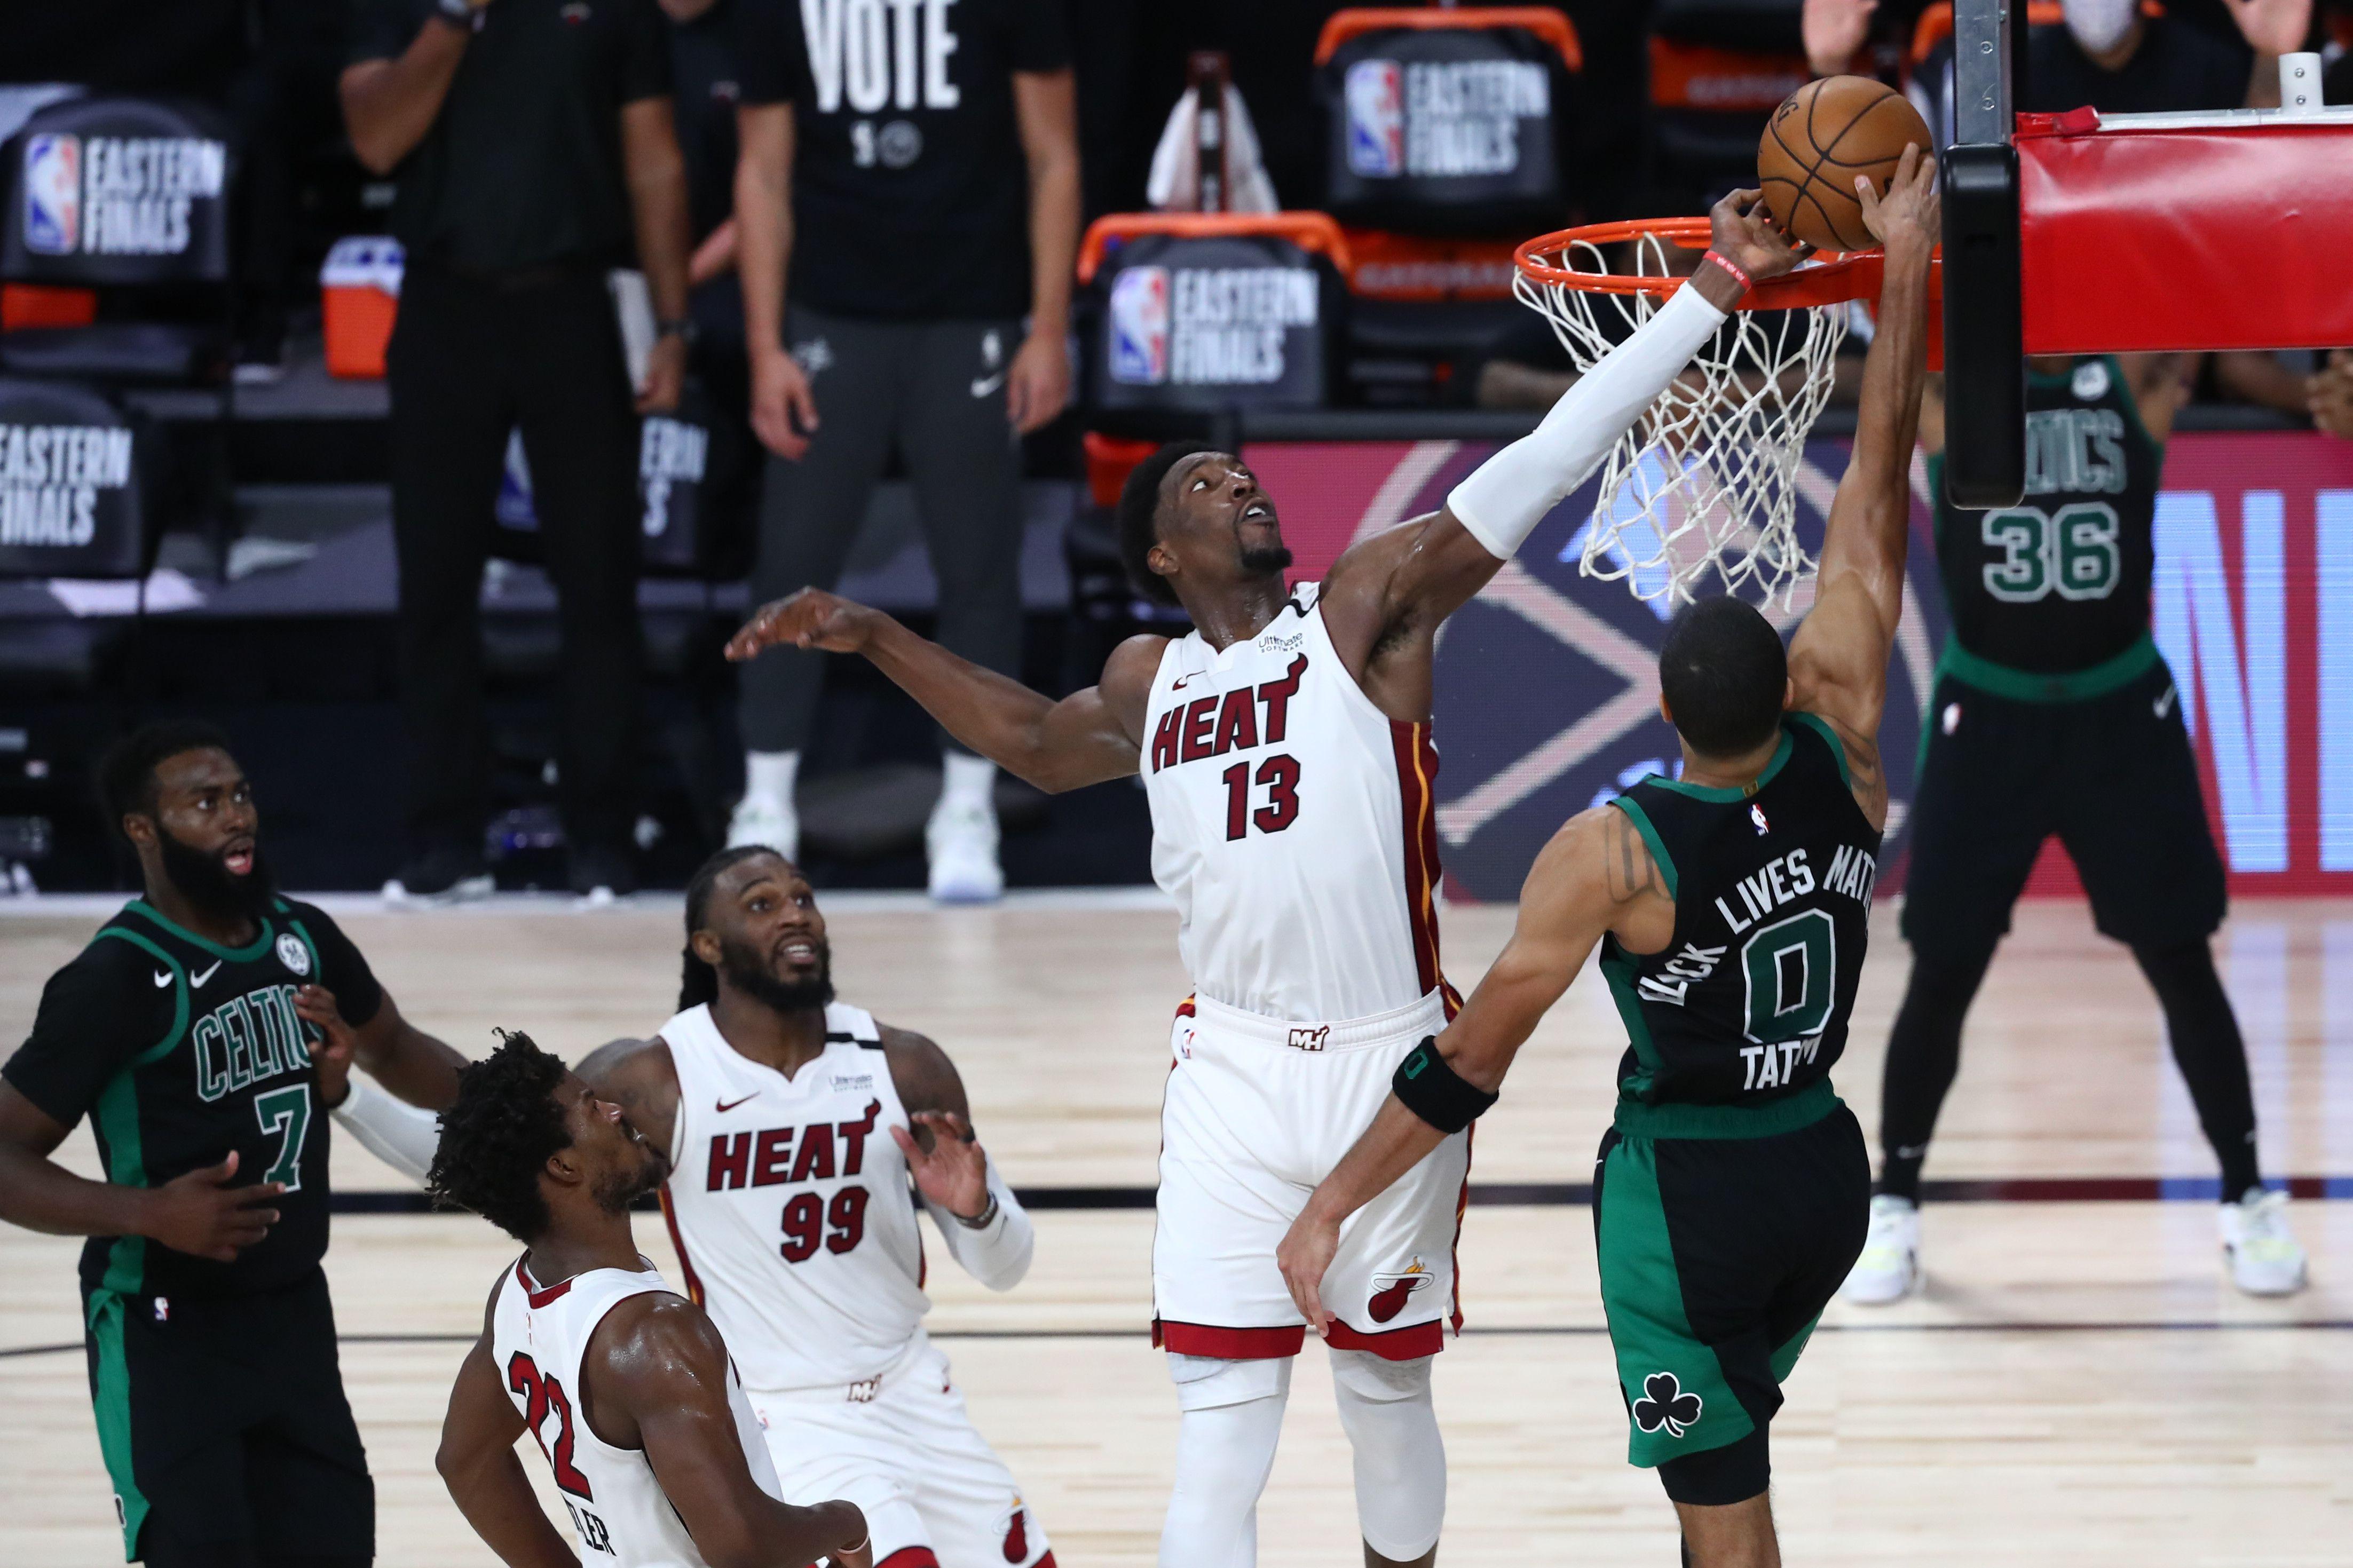 La espectacular tapa de Bam Adebayo sobre el final del suplementario que le permitió a Miami Heat ponerse 1-0 ante Boston Celtics en la final de la Conferencia Este de la NBA (Mandatory Credit: Kim Klement-USA TODAY Sports)